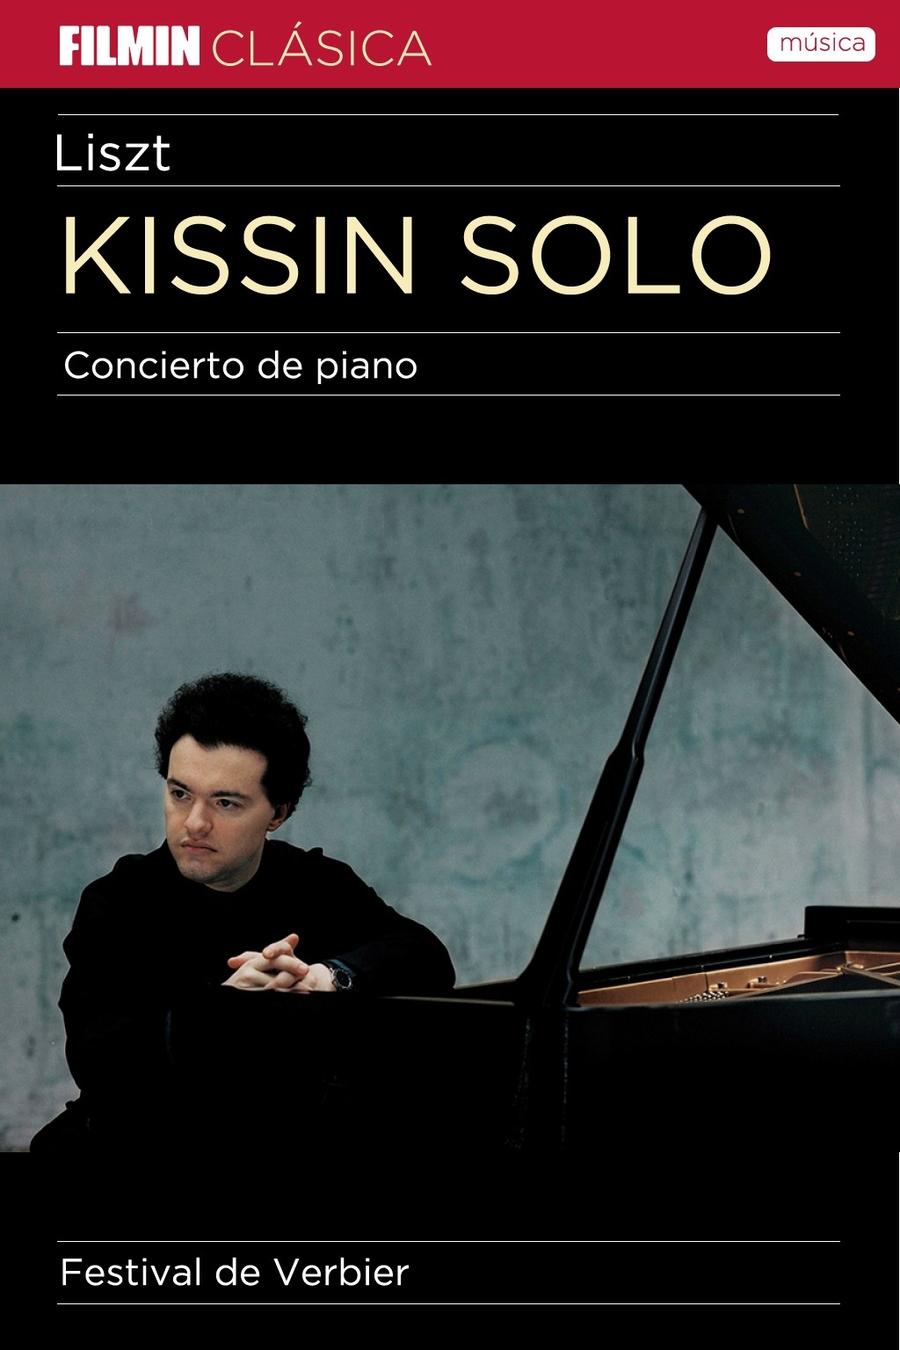 Kissin Solo